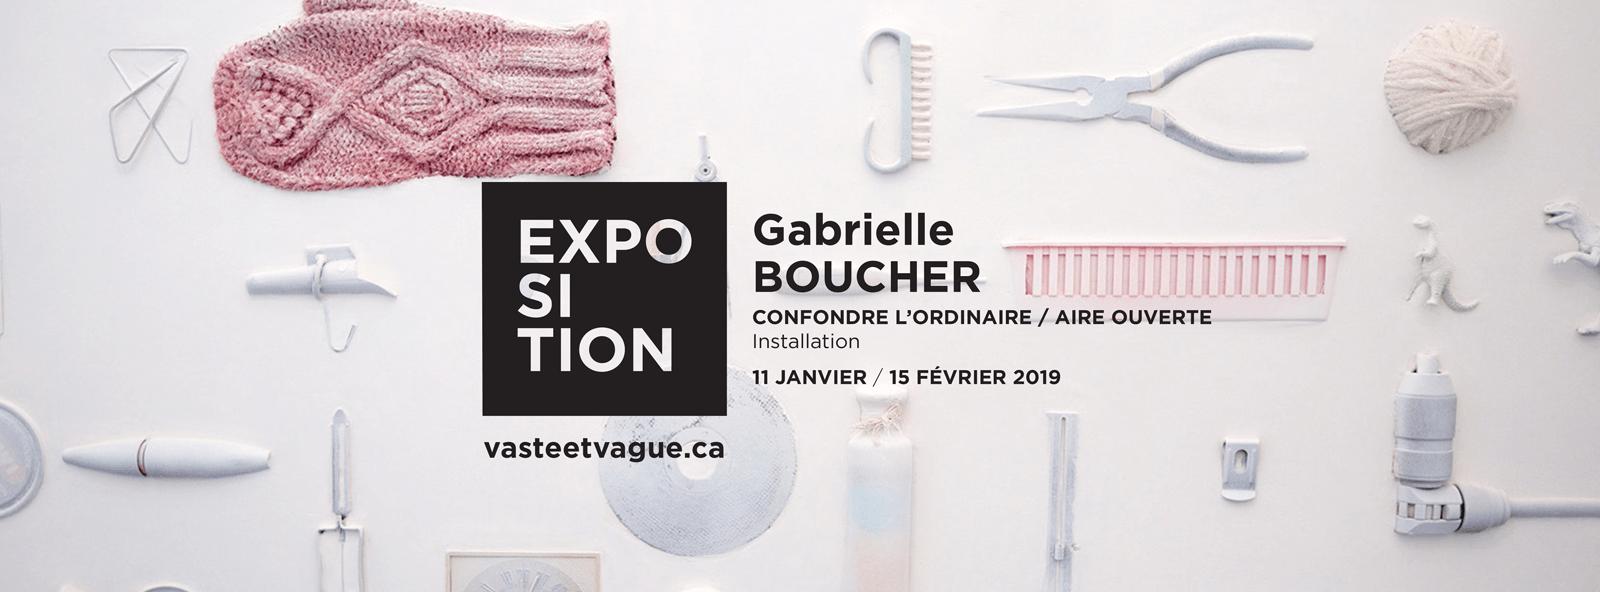 Gabrielle BOUCHER : CONFONDRE L'ORDINAIRE / AIRE OUVERTE | Centre d'artistes Vaste et Vague